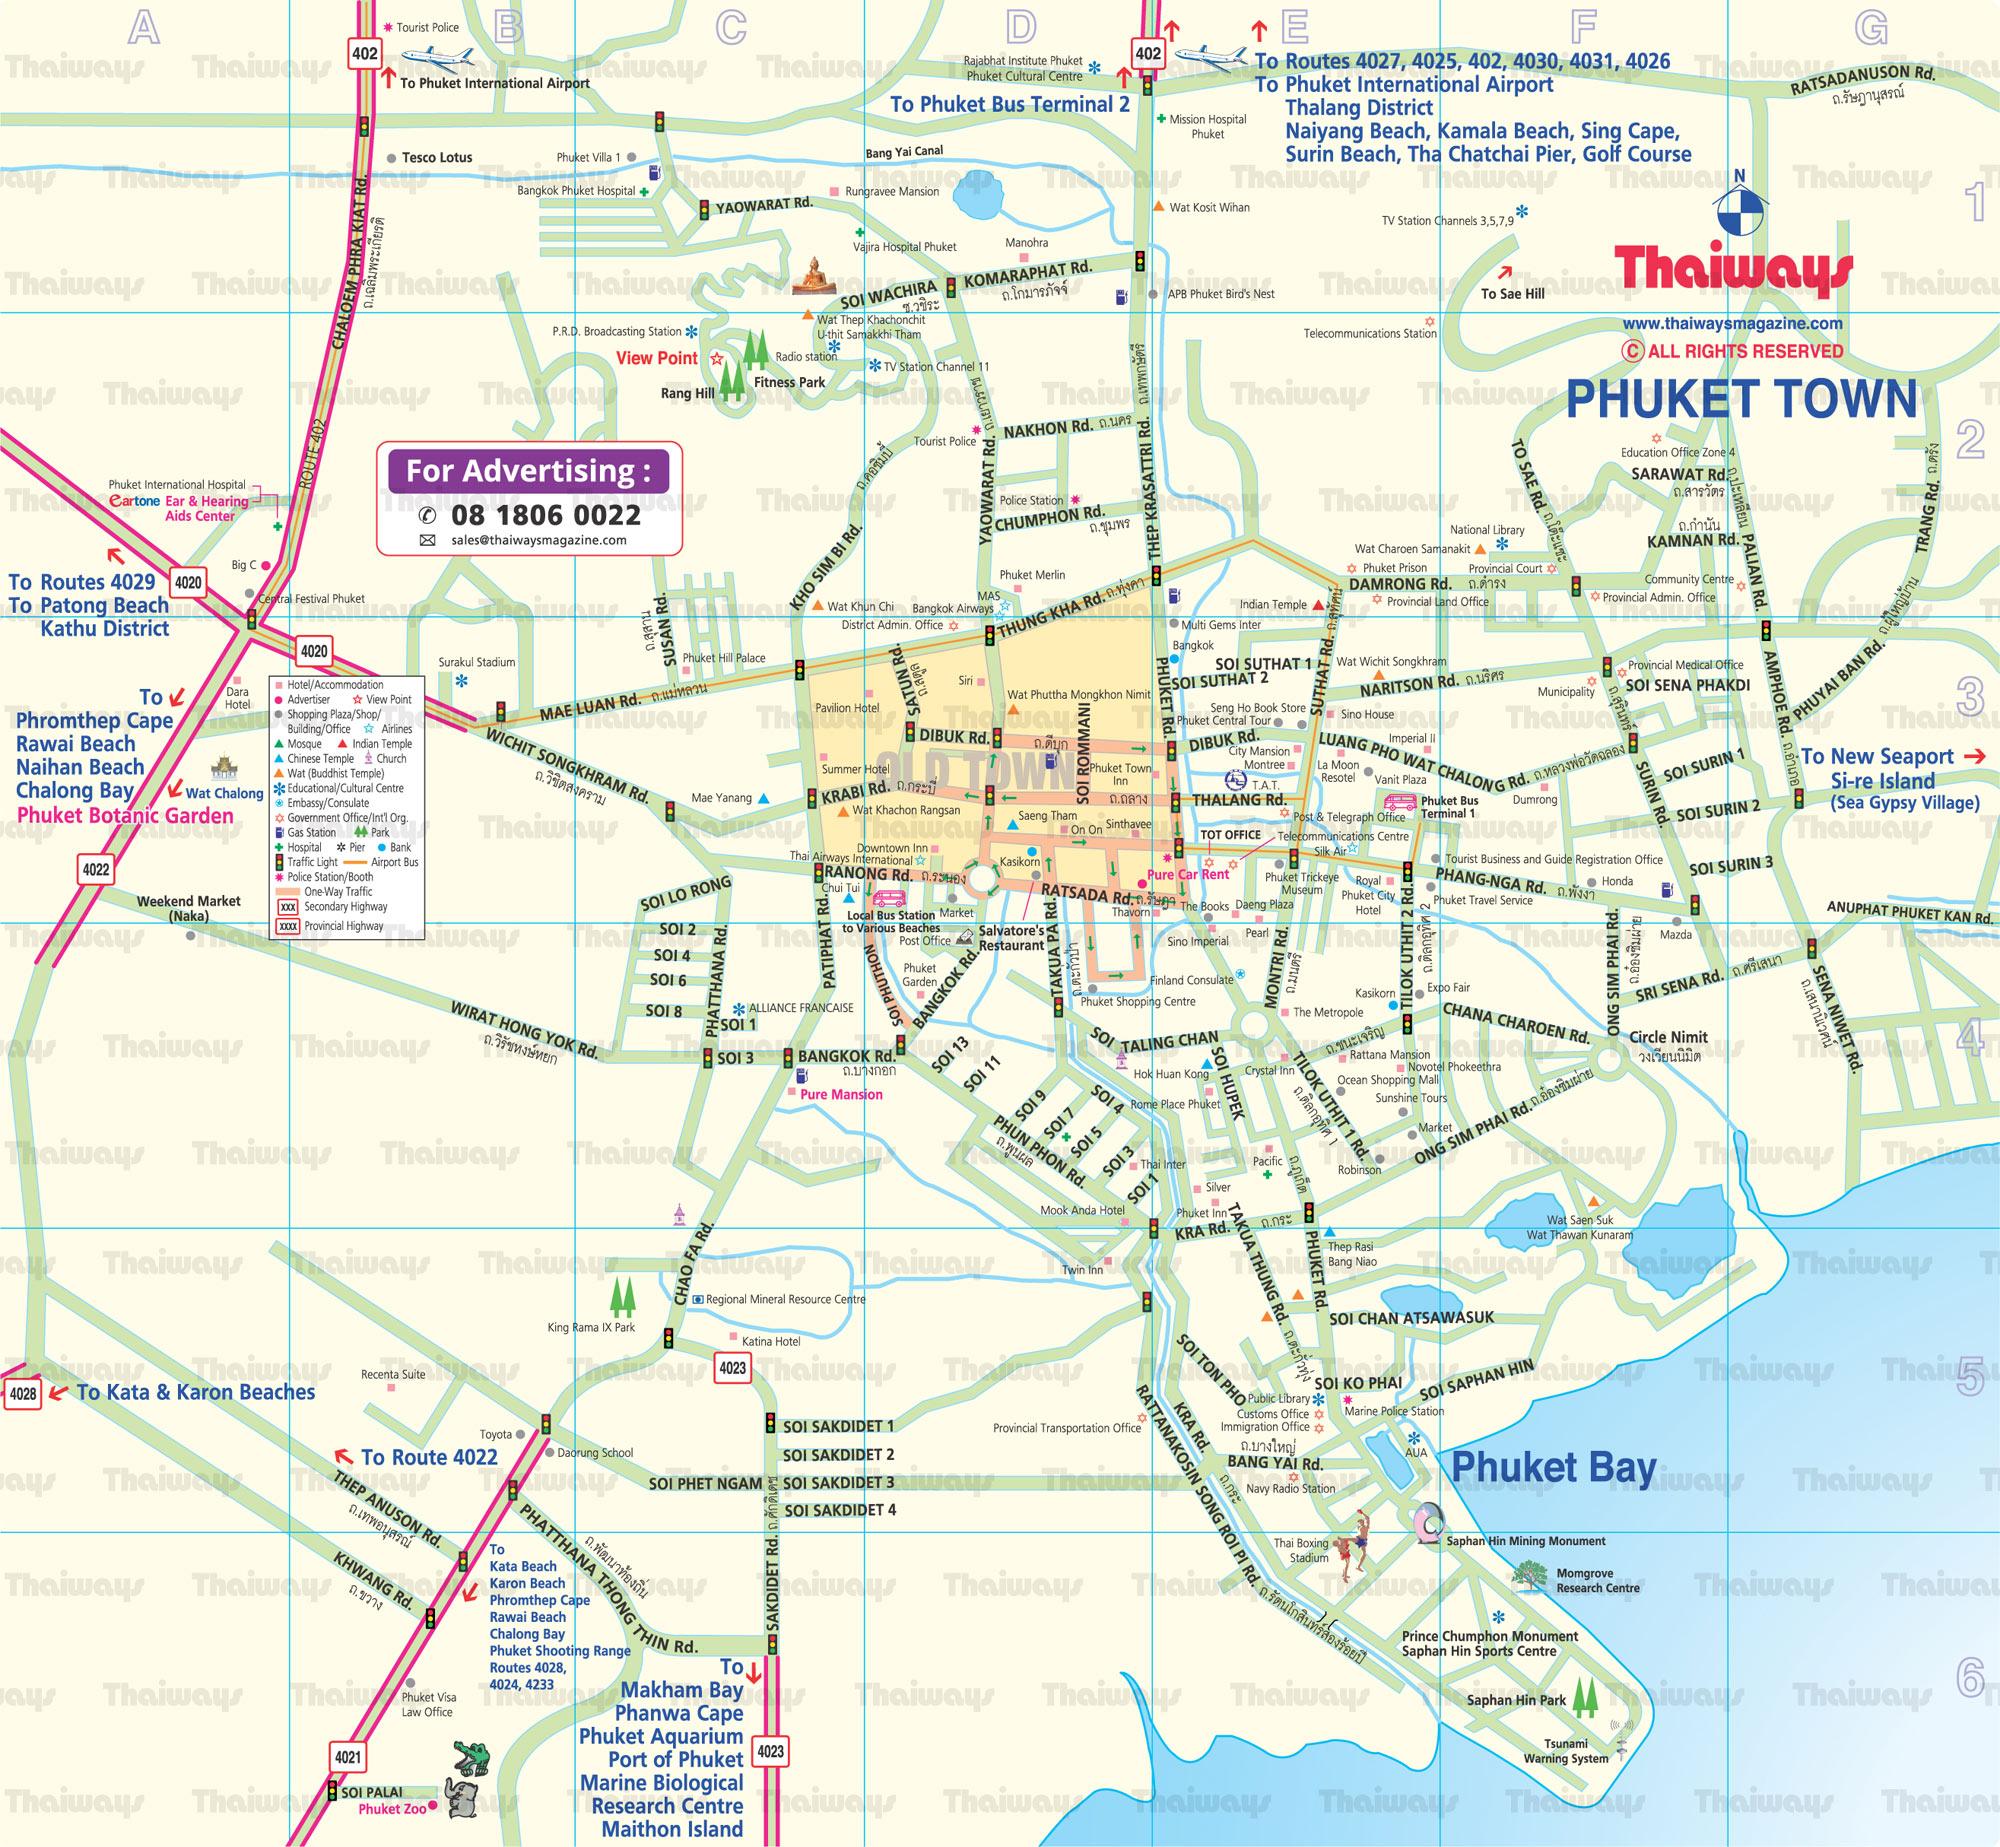 phuket-town-map2000